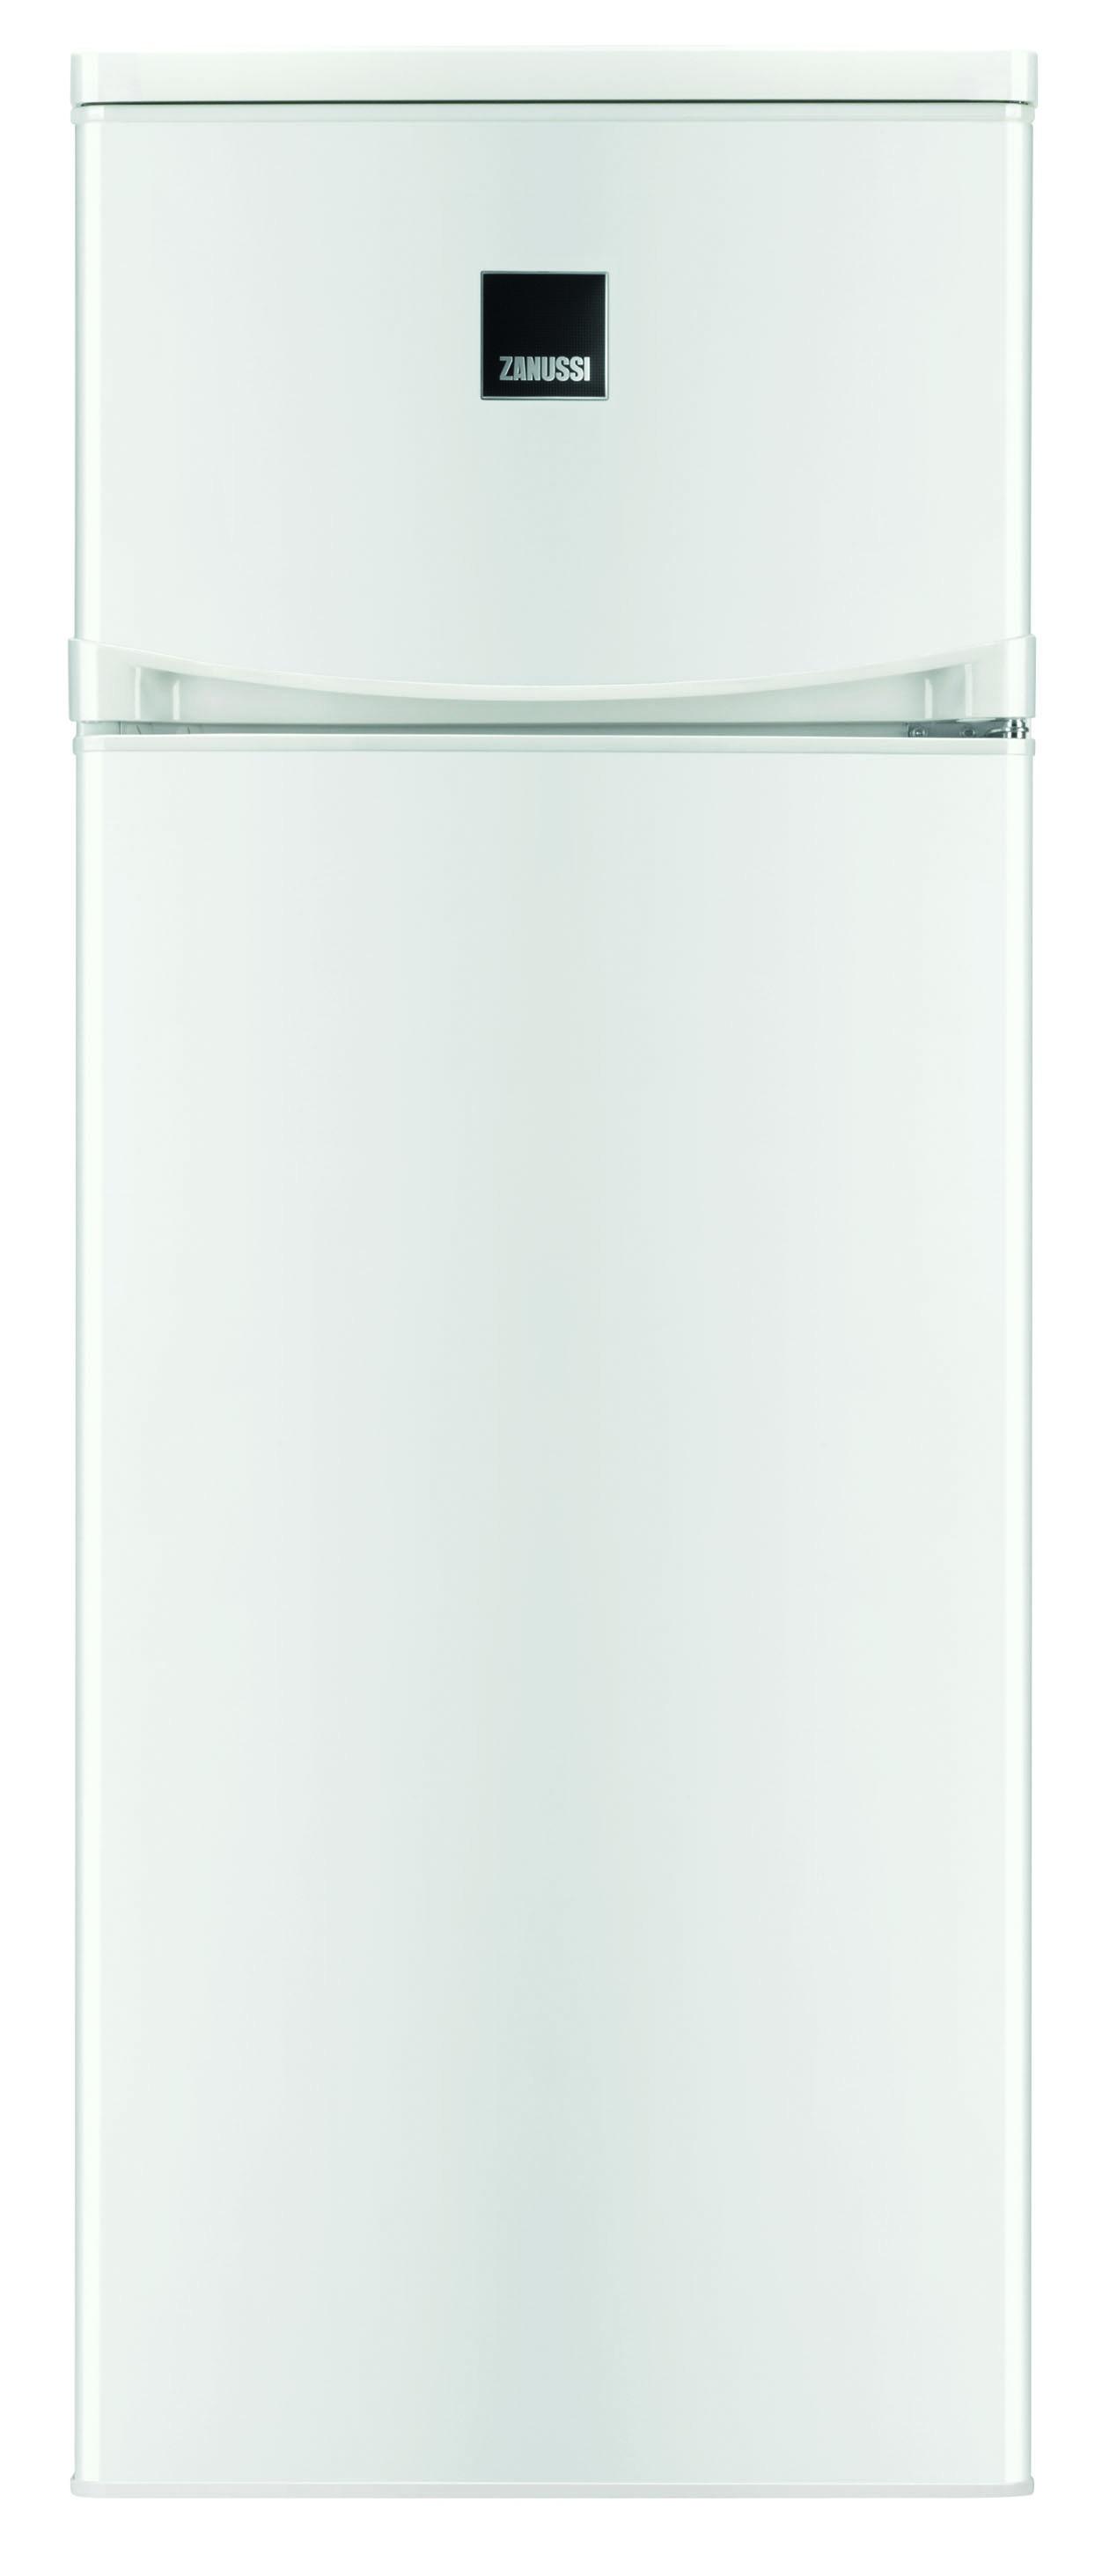 Zanussi ZRT23100WA koelkast met vriesvak